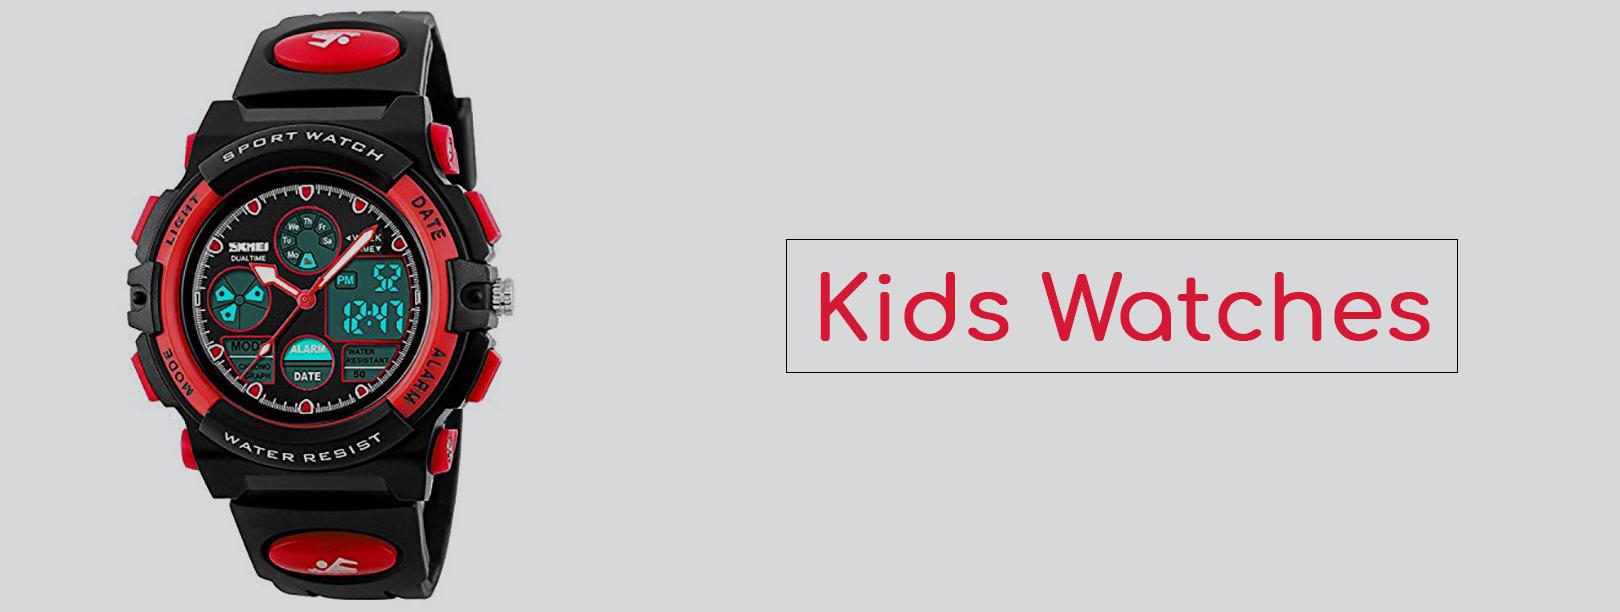 Myntra Kids Watches